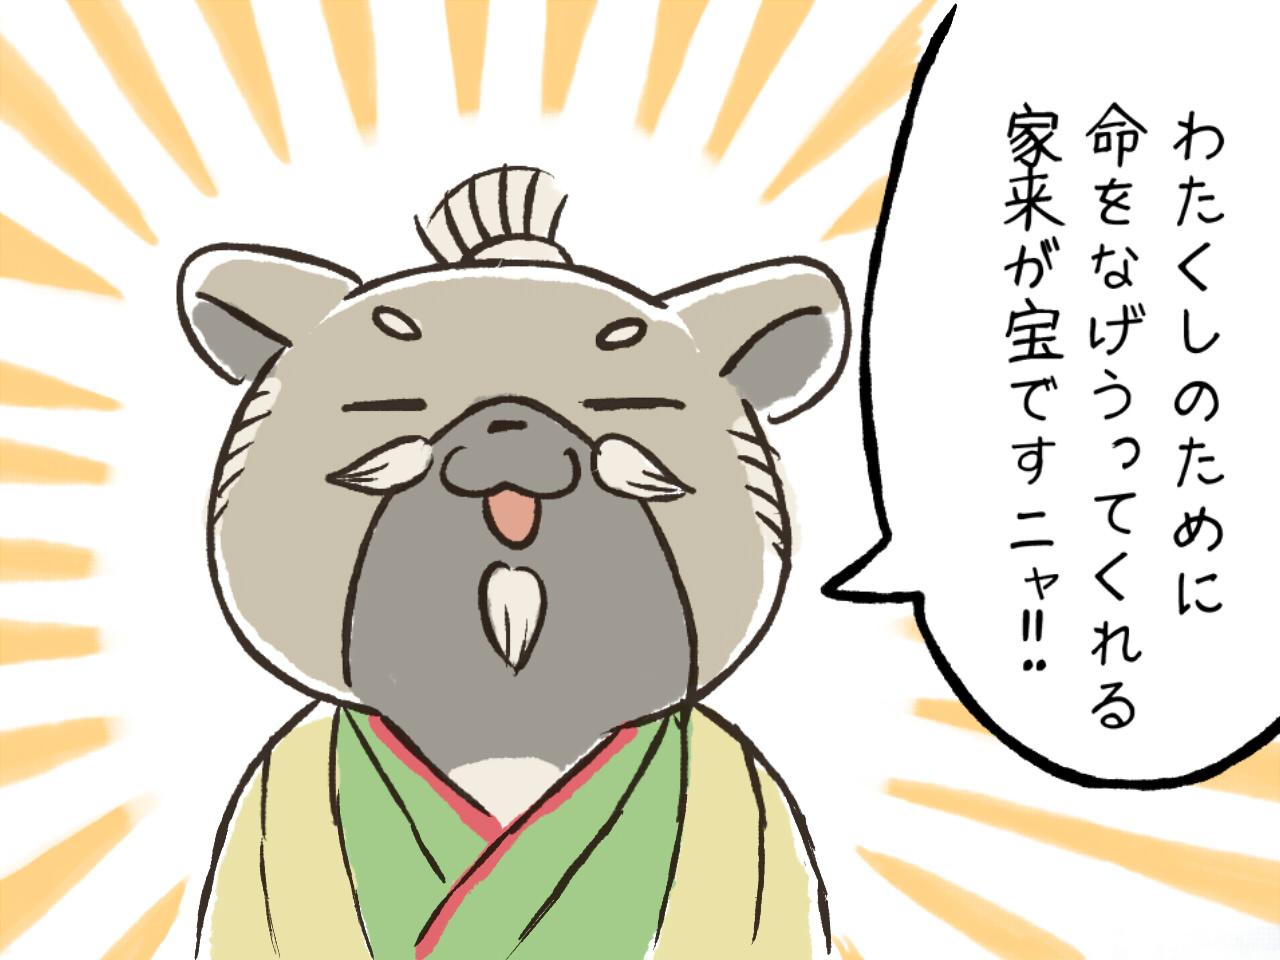 【歴史編】「家臣こそわが宝」の心意気――徳川家康